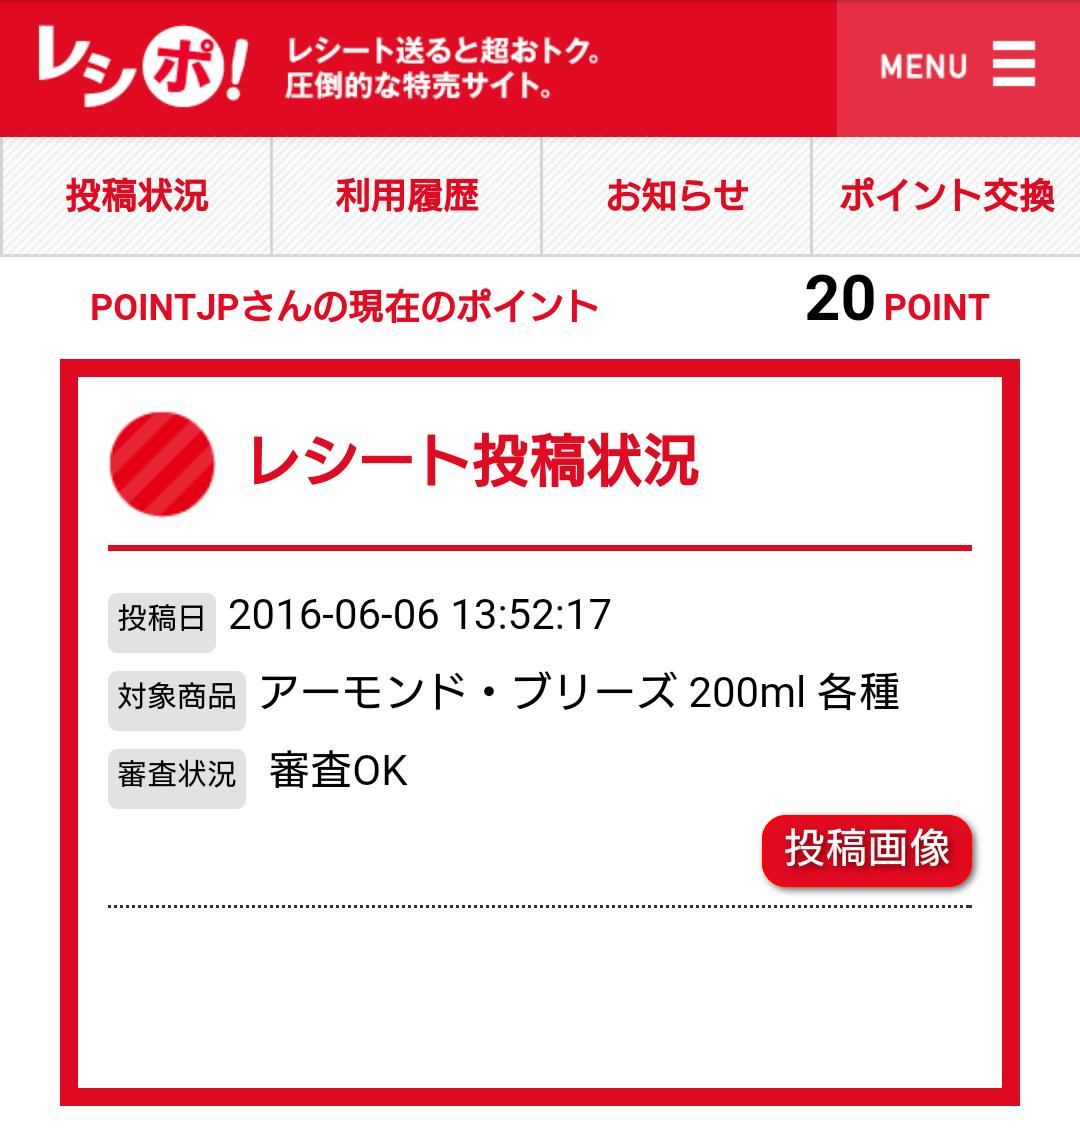 レシポ/審査OK